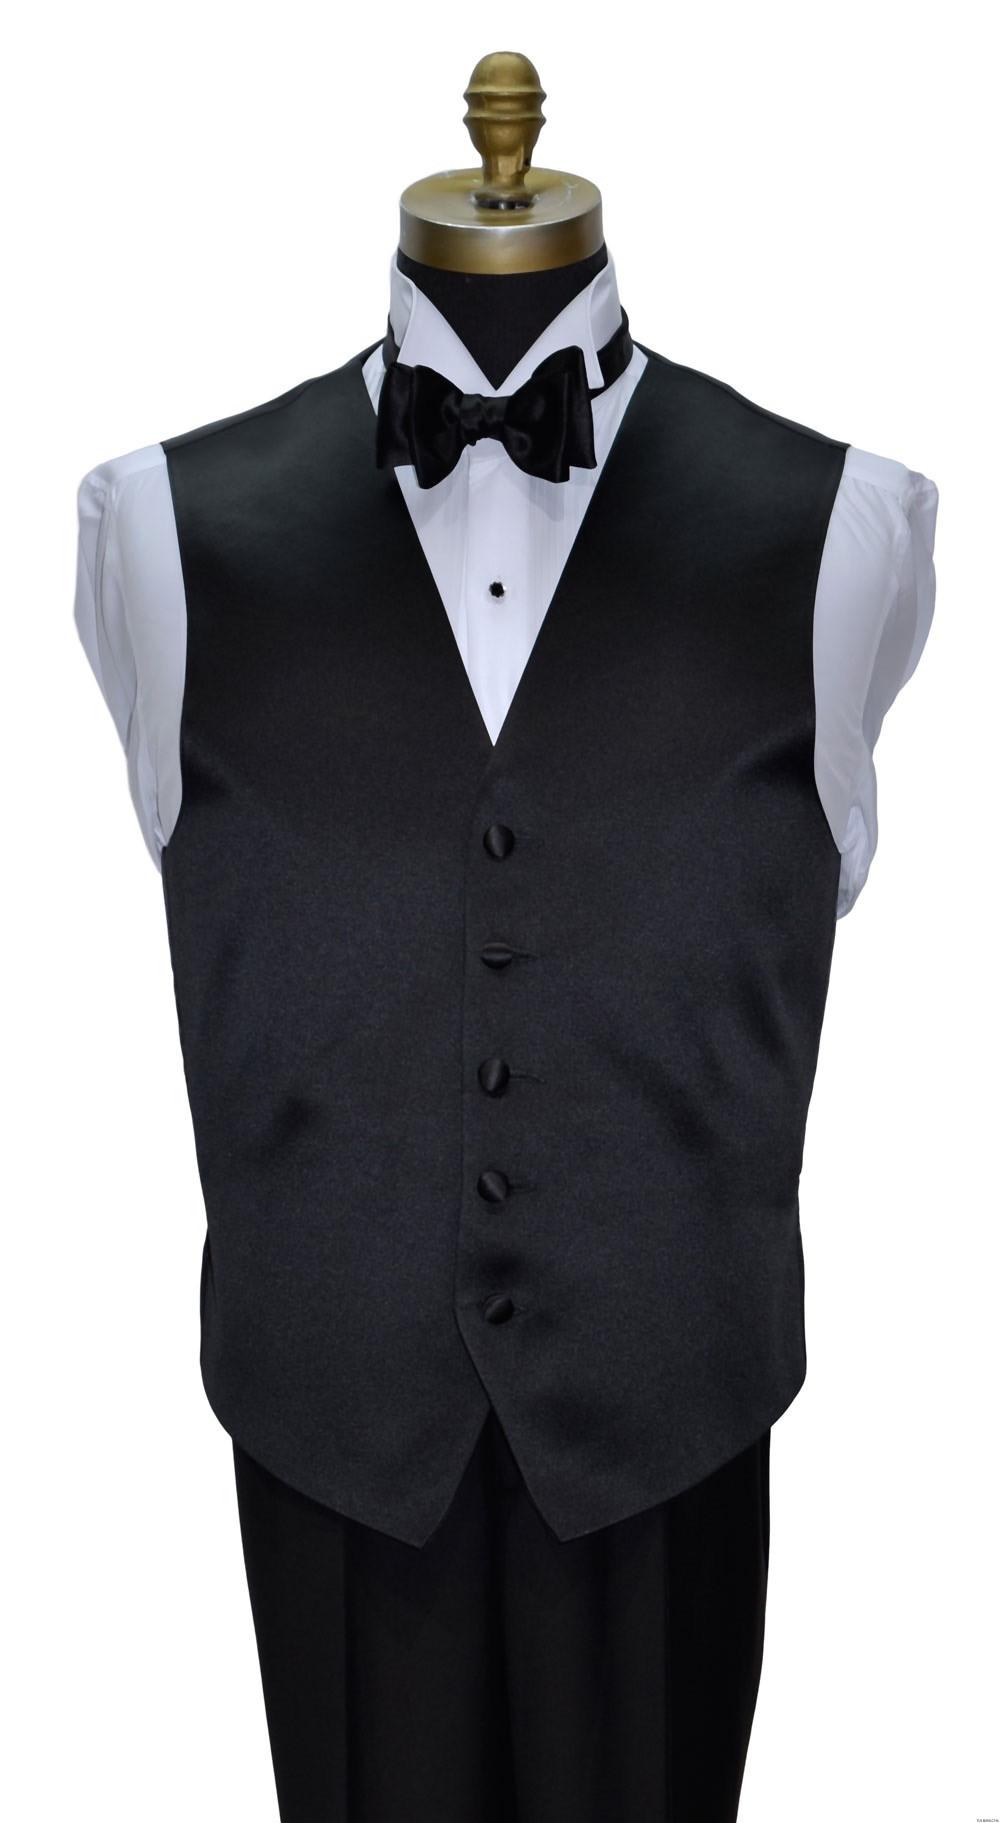 men's black satin vest and black bowtie